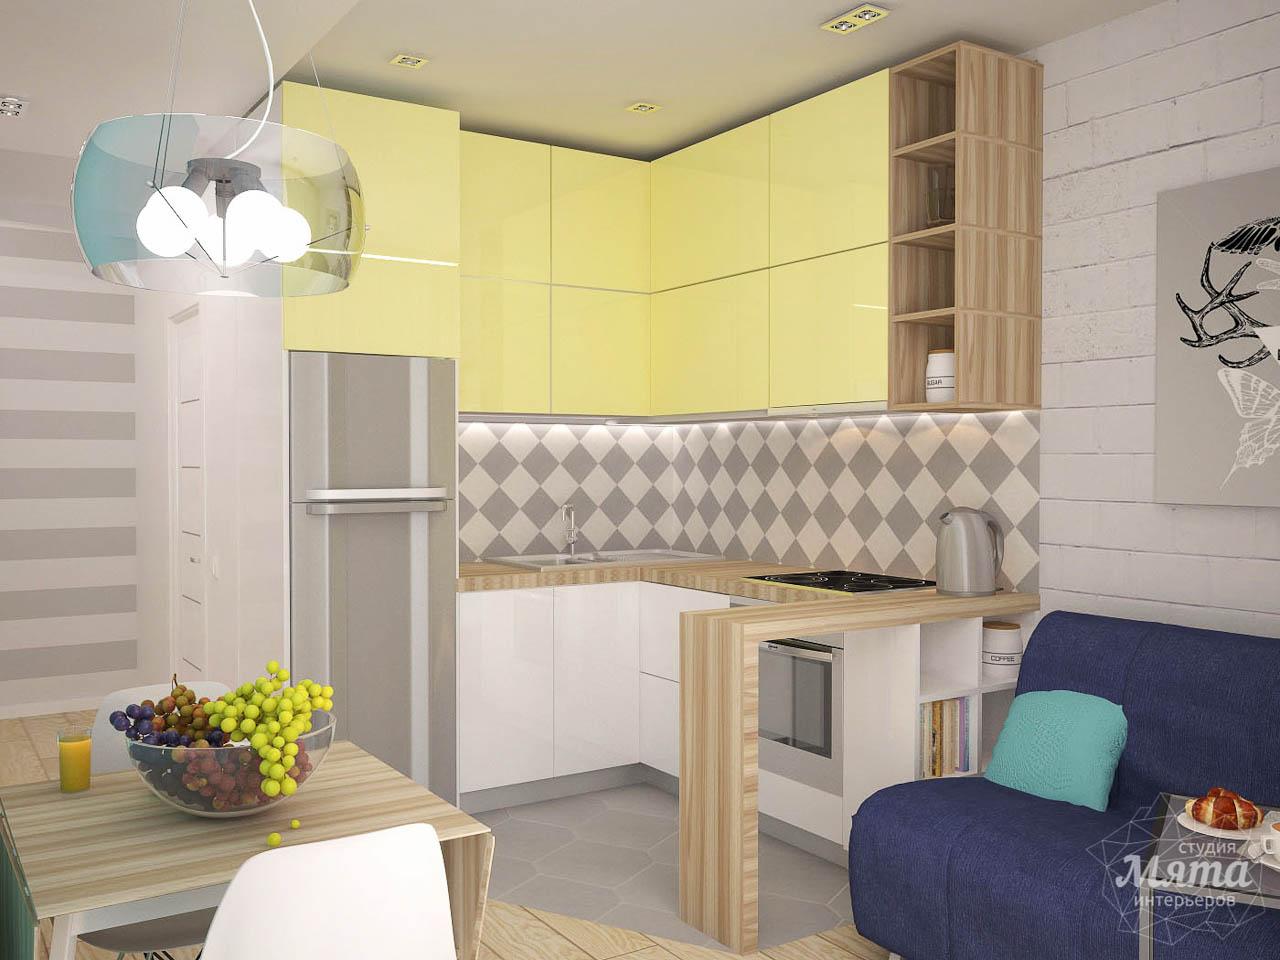 Дизайн интерьера и ремонт однокомнатной квартиры по ул. Сурикова 53а img427310581